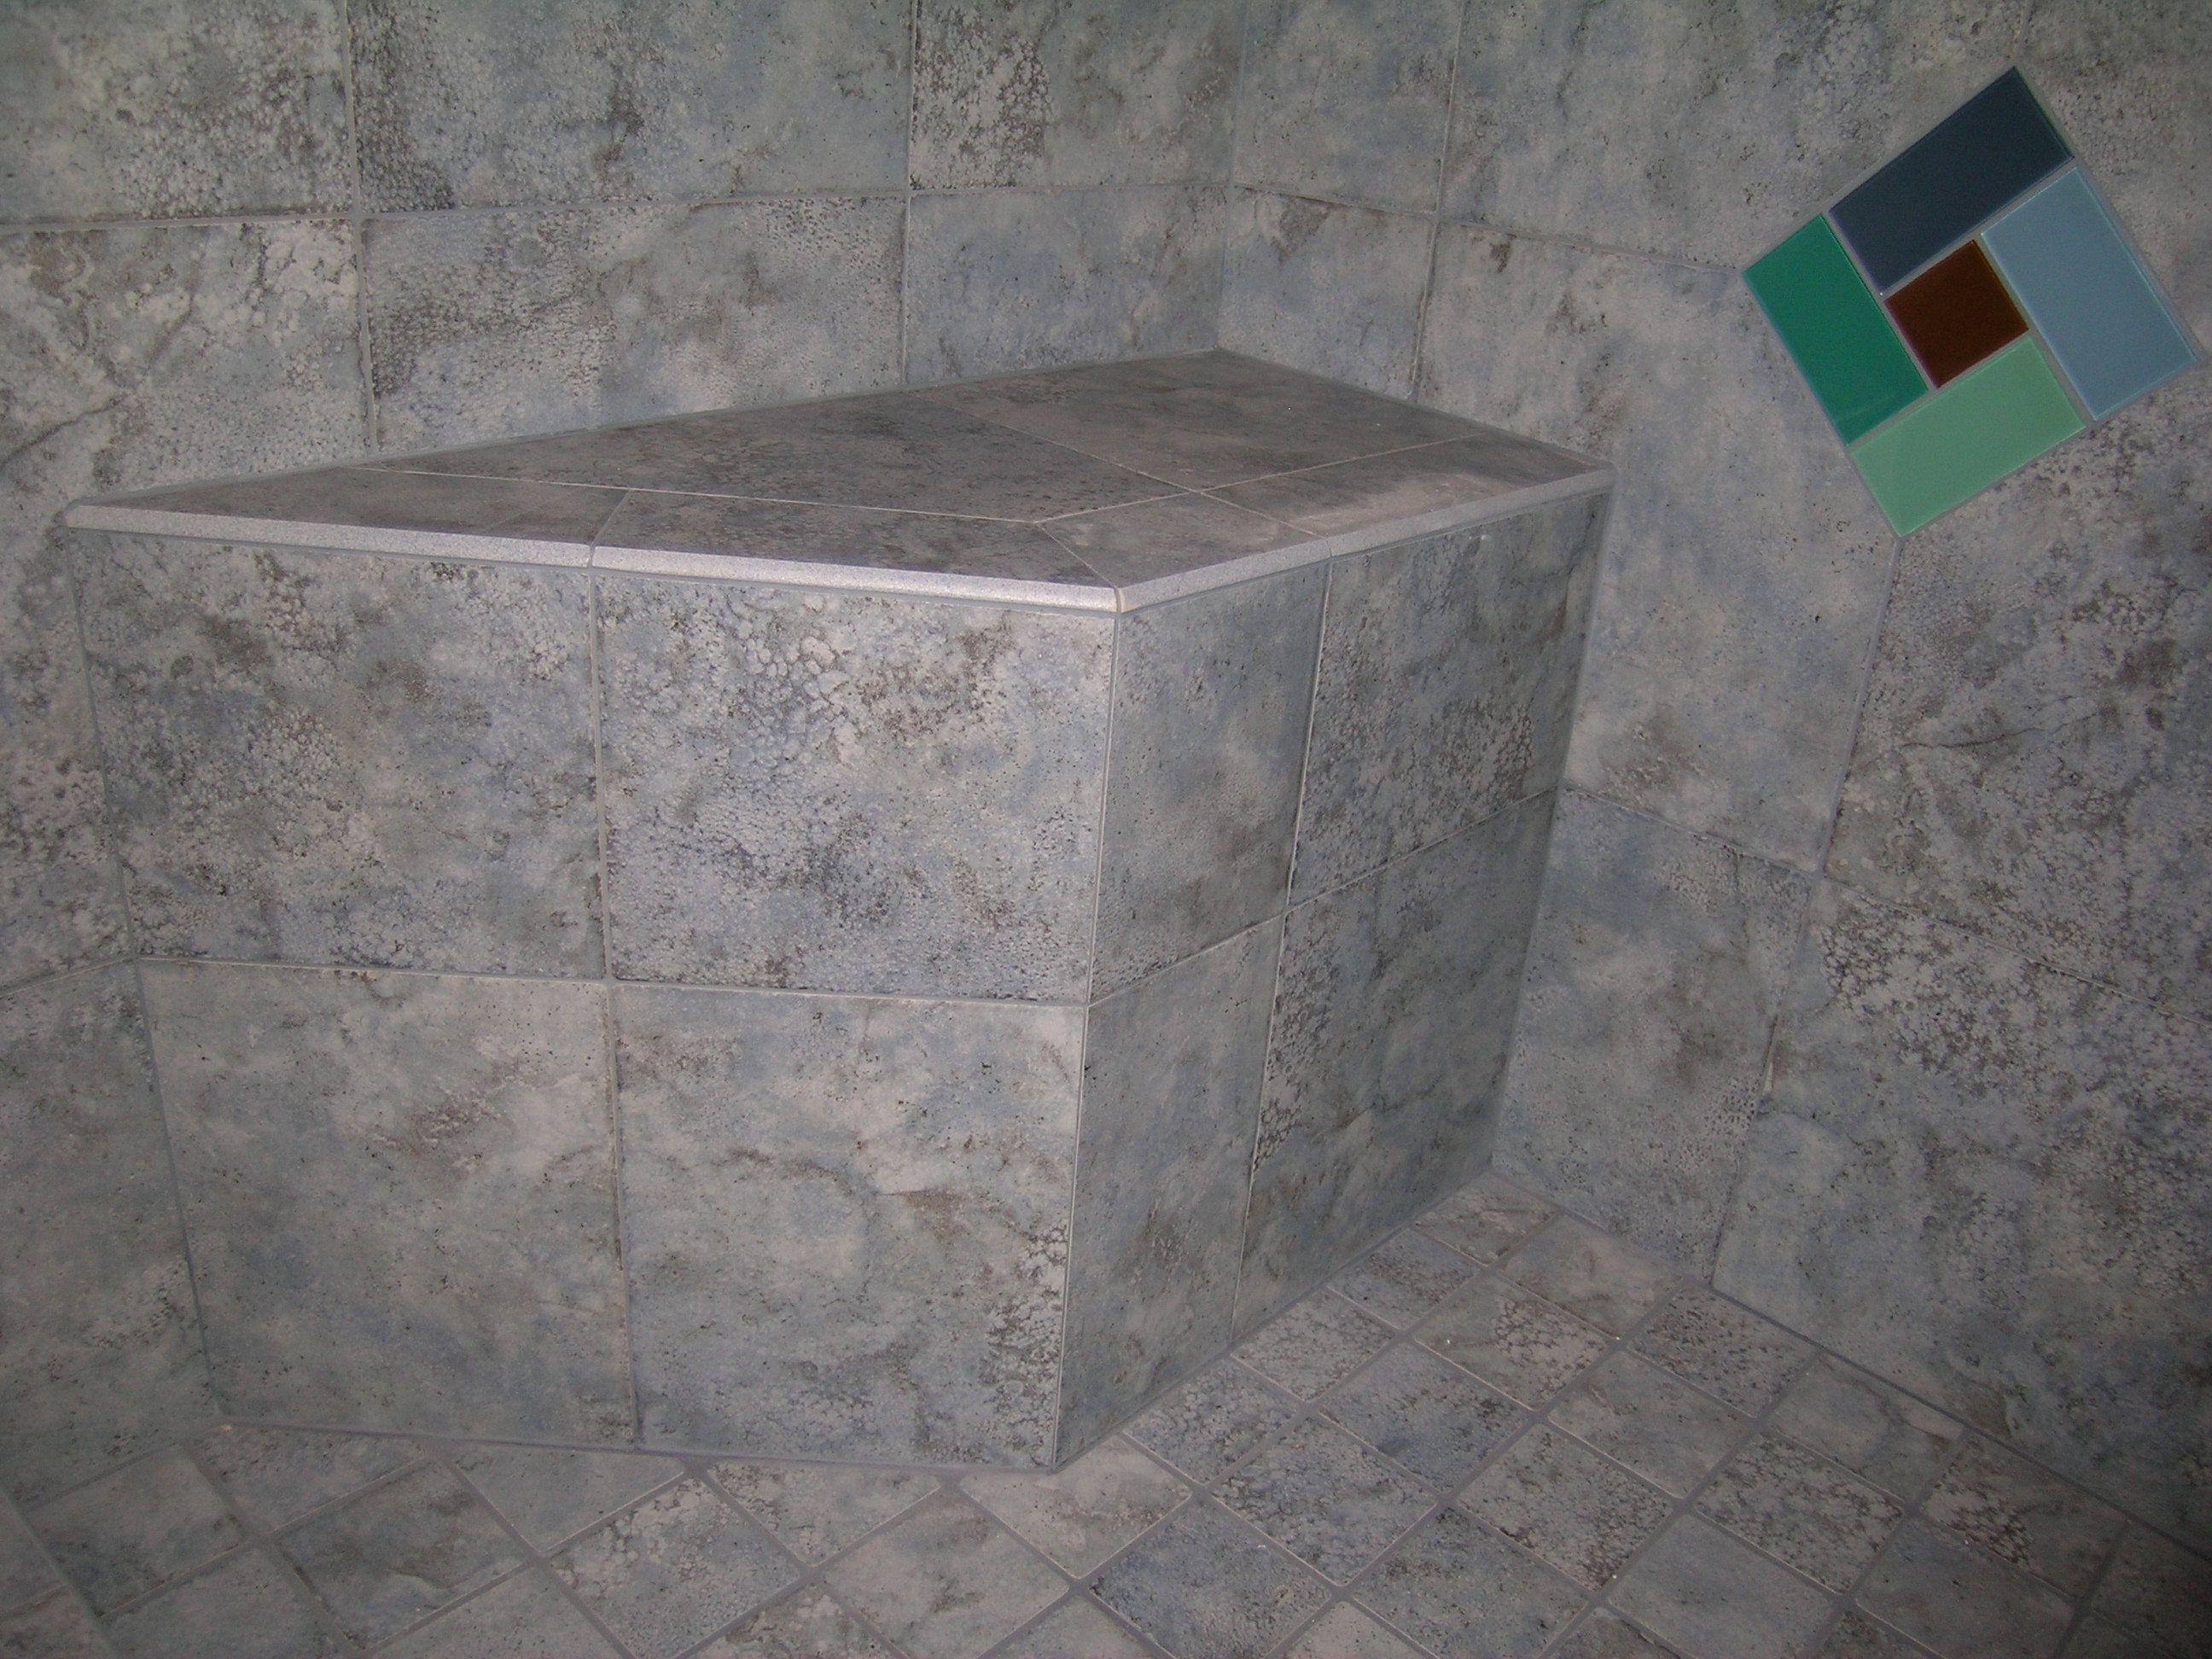 porcelain tile shower seat and glass tile pinwheel insert